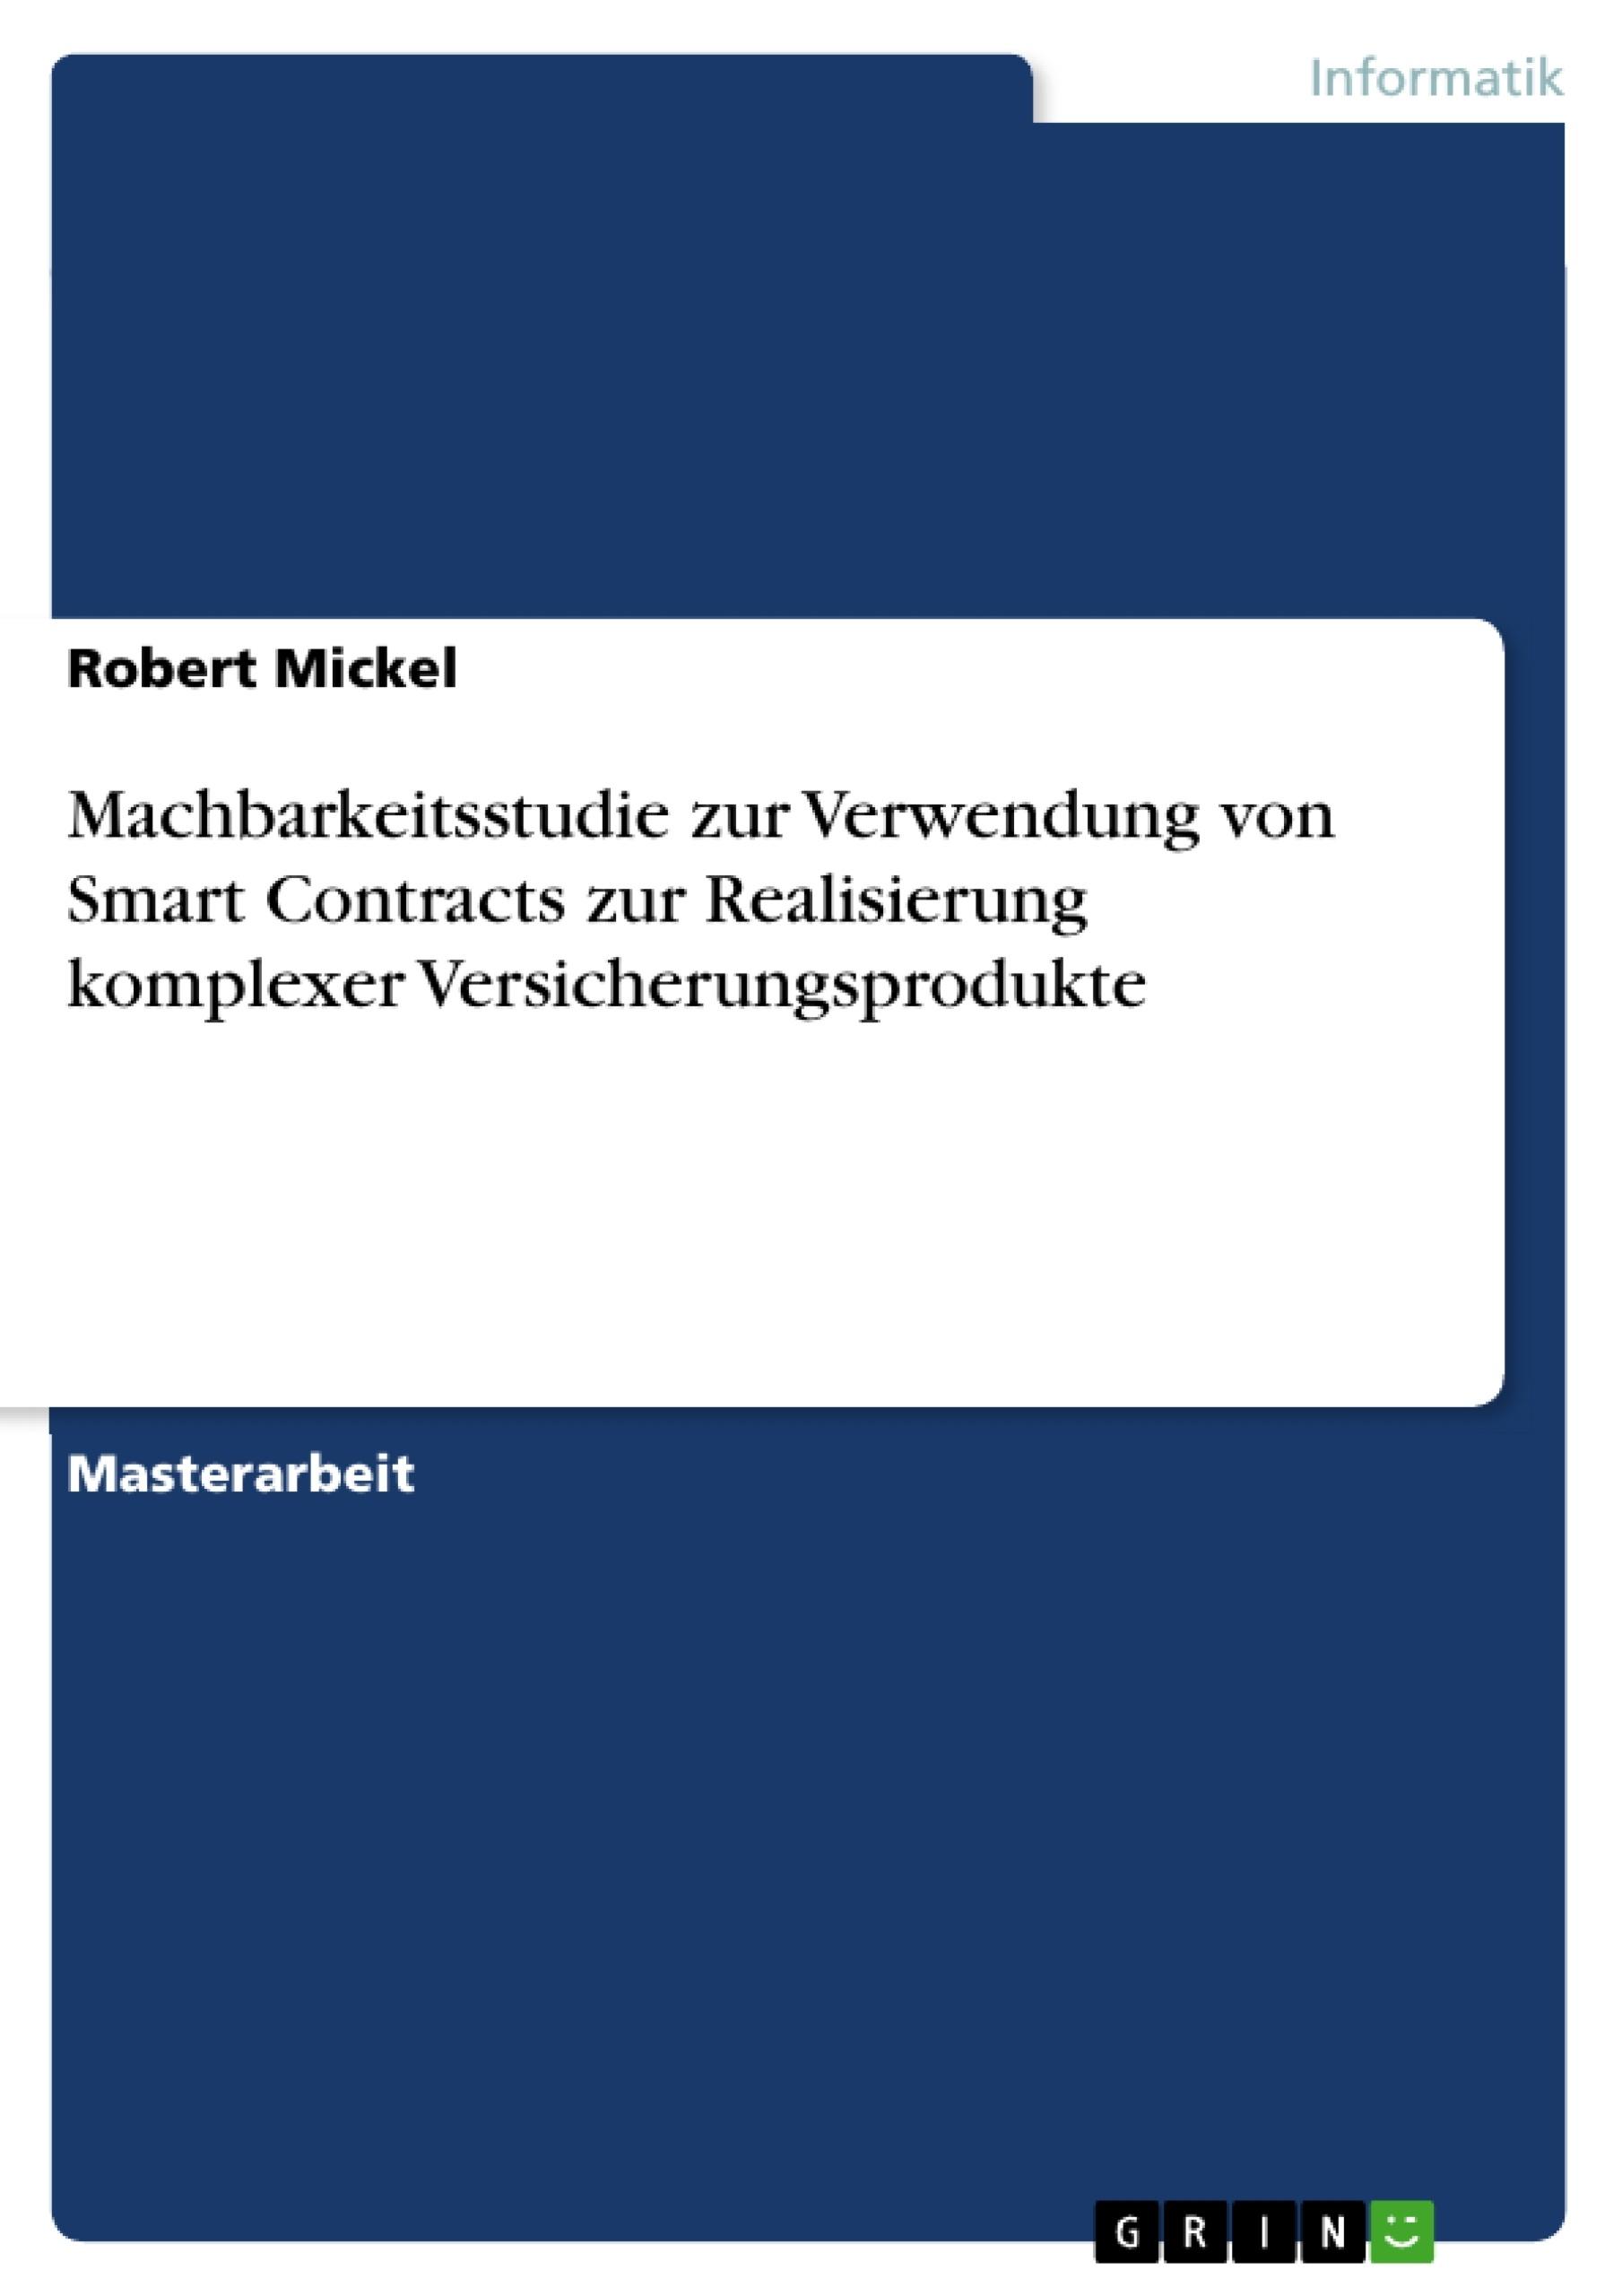 Titel: Machbarkeitsstudie zur Verwendung von Smart Contracts zur Realisierung komplexer Versicherungsprodukte